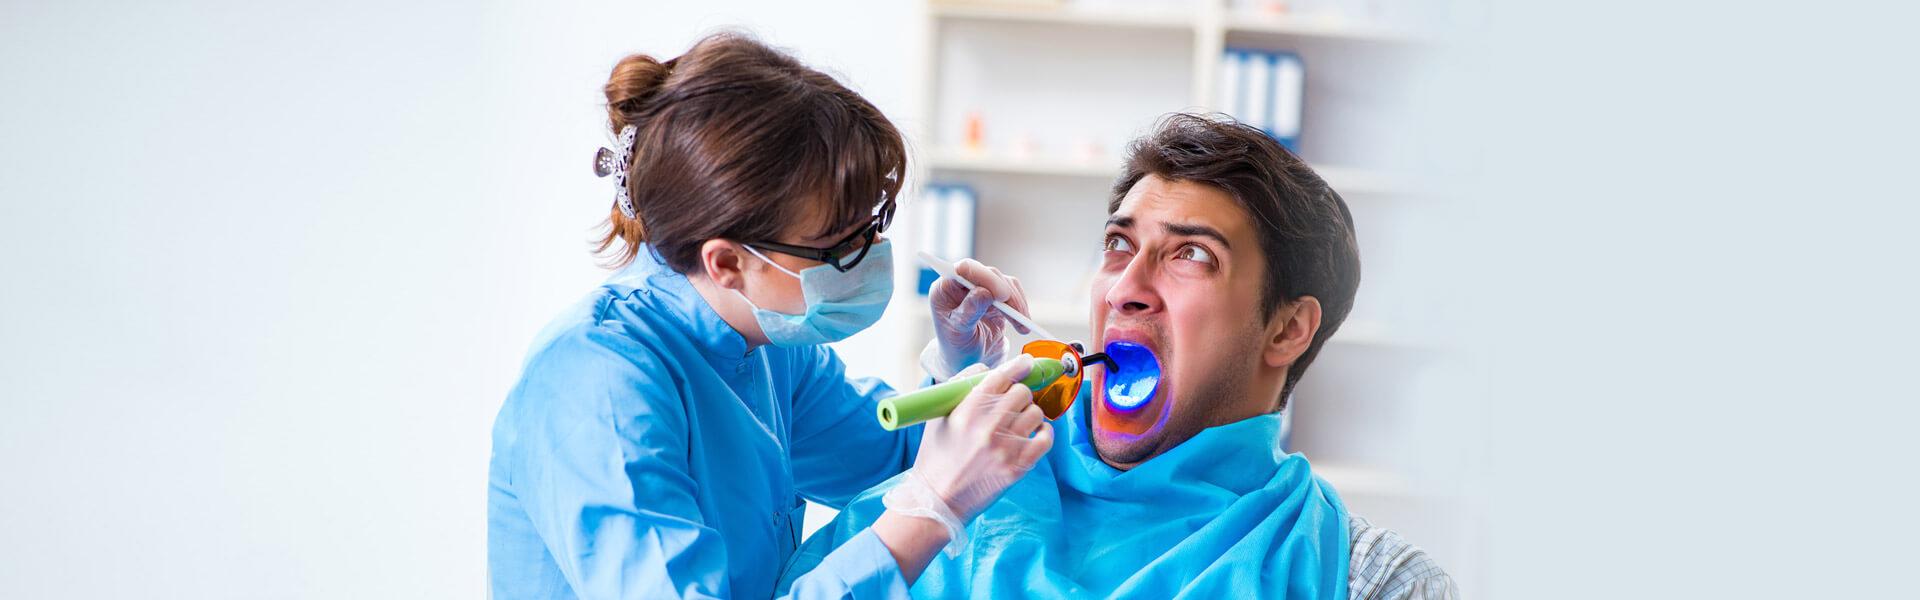 ترس از بیحسی دهان و دندان